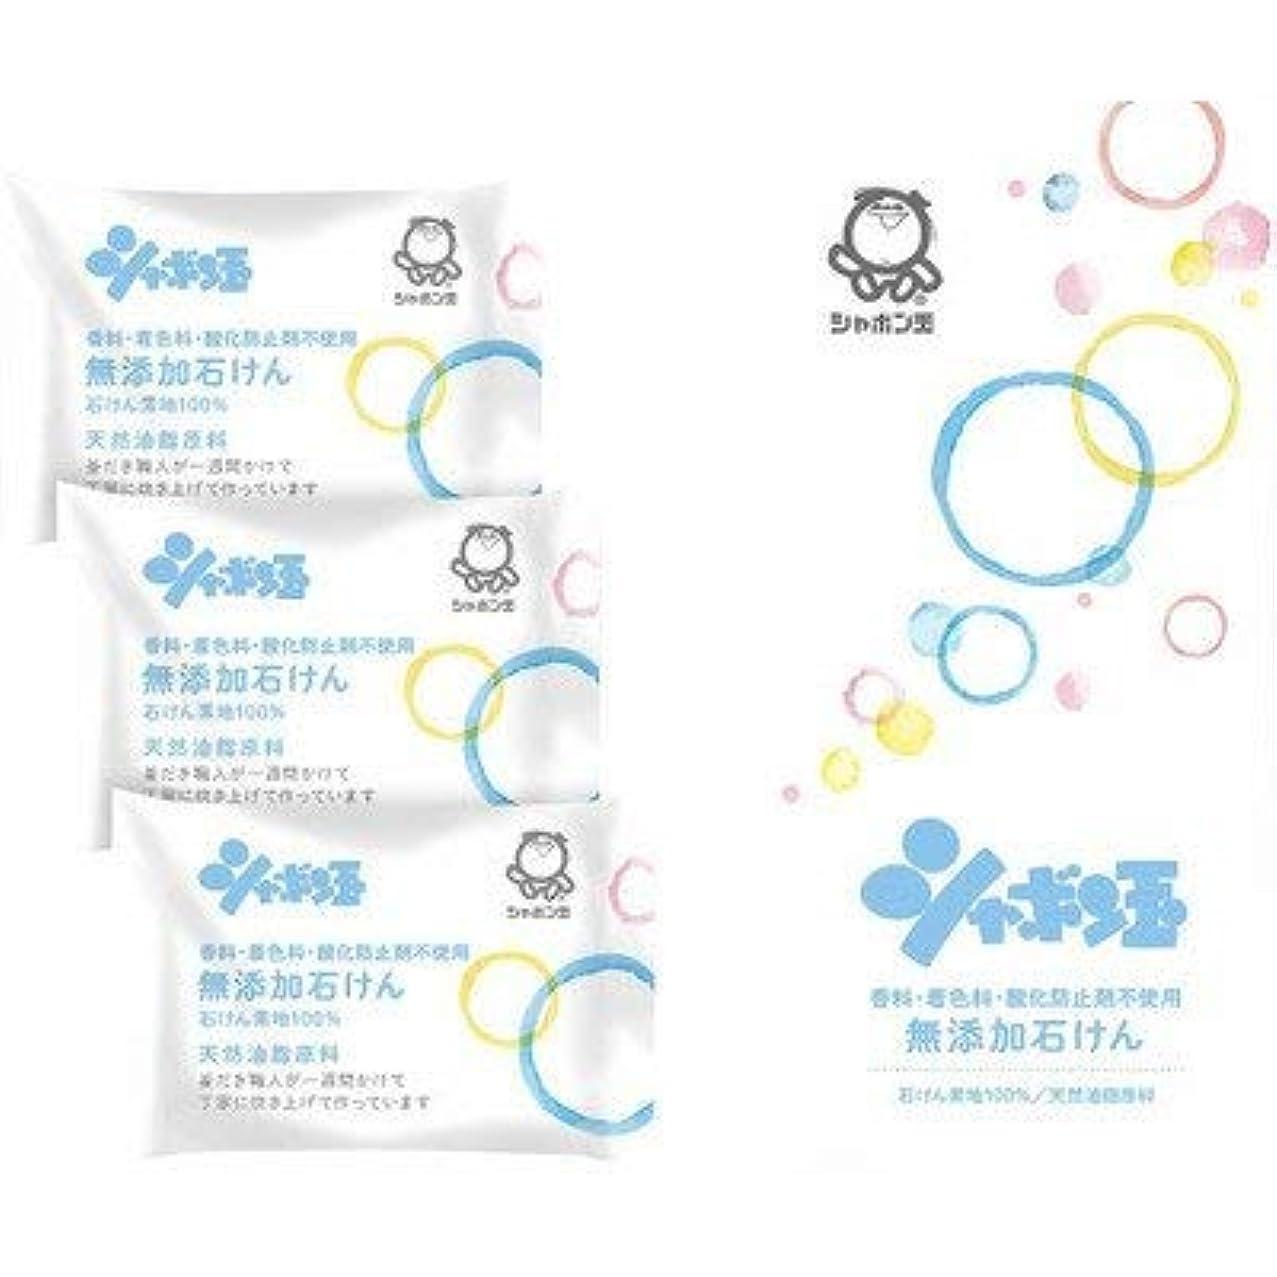 マチュピチュ反響する怒って【ギフトセット】 シャボン玉無添加石鹸ギフトセット SMG-5B